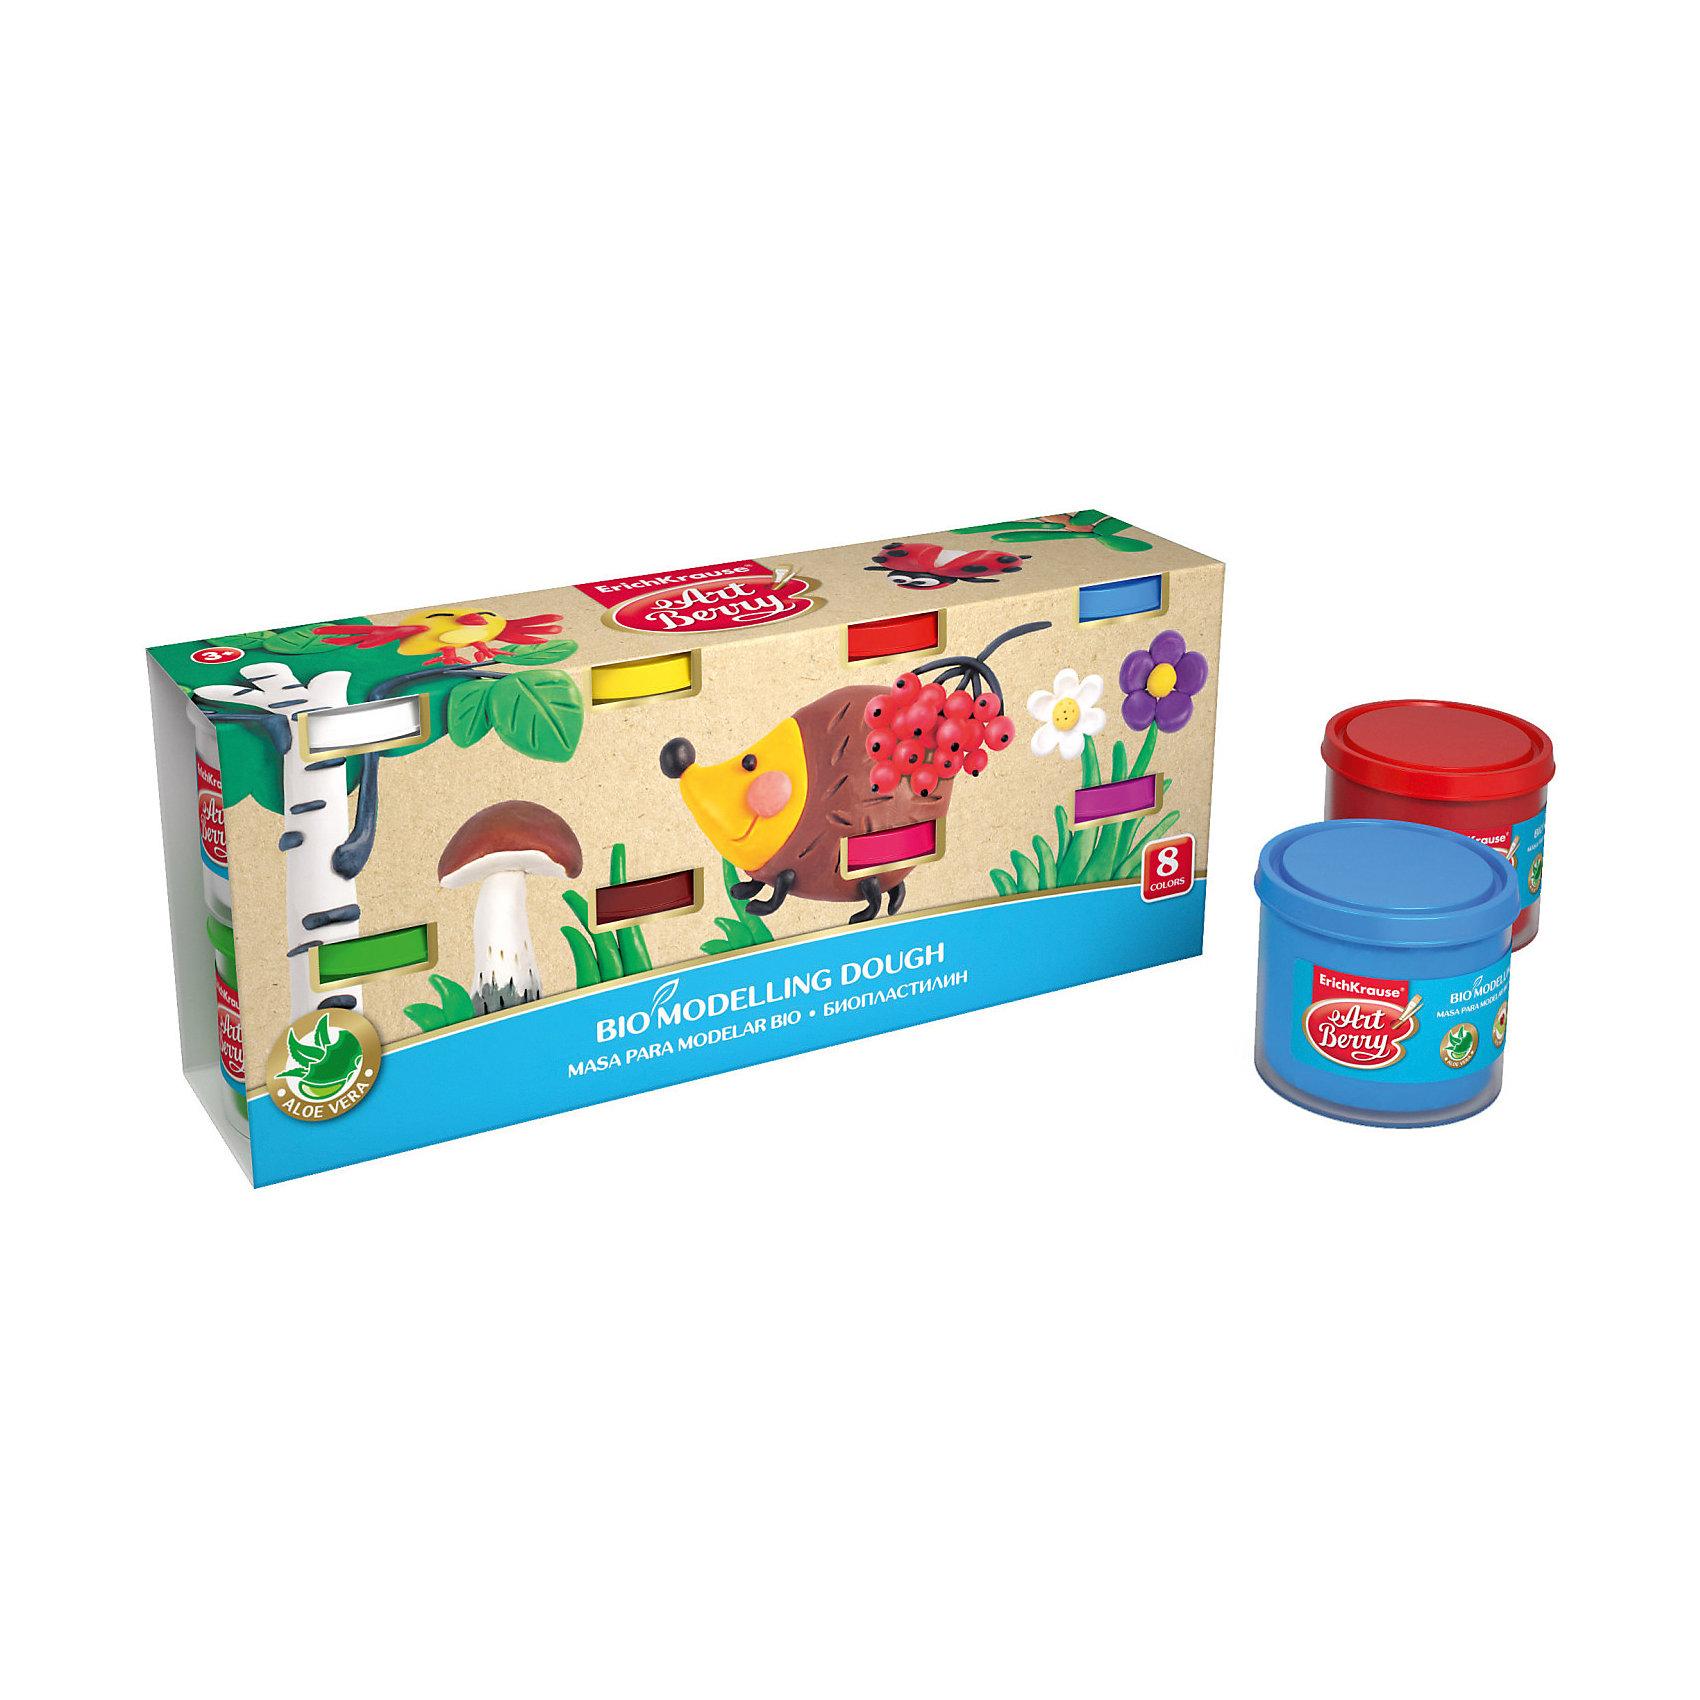 Биопластилин ArtBerry с Алоэ Вера, 8 цветов по 100гЛепка<br>Характеристики товара:<br><br>• материал упаковки: картон<br>• количество цветов: 8<br>• вес каждой баночки: 100 гр<br>• возраст: от 3 лет<br>• габариты упаковки: 19,5х13,5х12 см<br>• вес: 972 г<br>• страна производитель: Россия<br><br>Биопластилин – уникальный в своей сфере материал для детского творчества. Быстро и легко разогревается, приятный для лепки и прочный после засыхания. Наличие в составе Алоэ Вера ухаживает за детской кожей и не дает ей пересыхать во время работы с пластилином.<br><br>Биопластилин ArtBerry с Алоэ Вера, 8 цветов по 100г можно купить в нашем интернет-магазине.<br><br>Ширина мм: 195<br>Глубина мм: 135<br>Высота мм: 120<br>Вес г: 972<br>Возраст от месяцев: 36<br>Возраст до месяцев: 2147483647<br>Пол: Унисекс<br>Возраст: Детский<br>SKU: 5409323